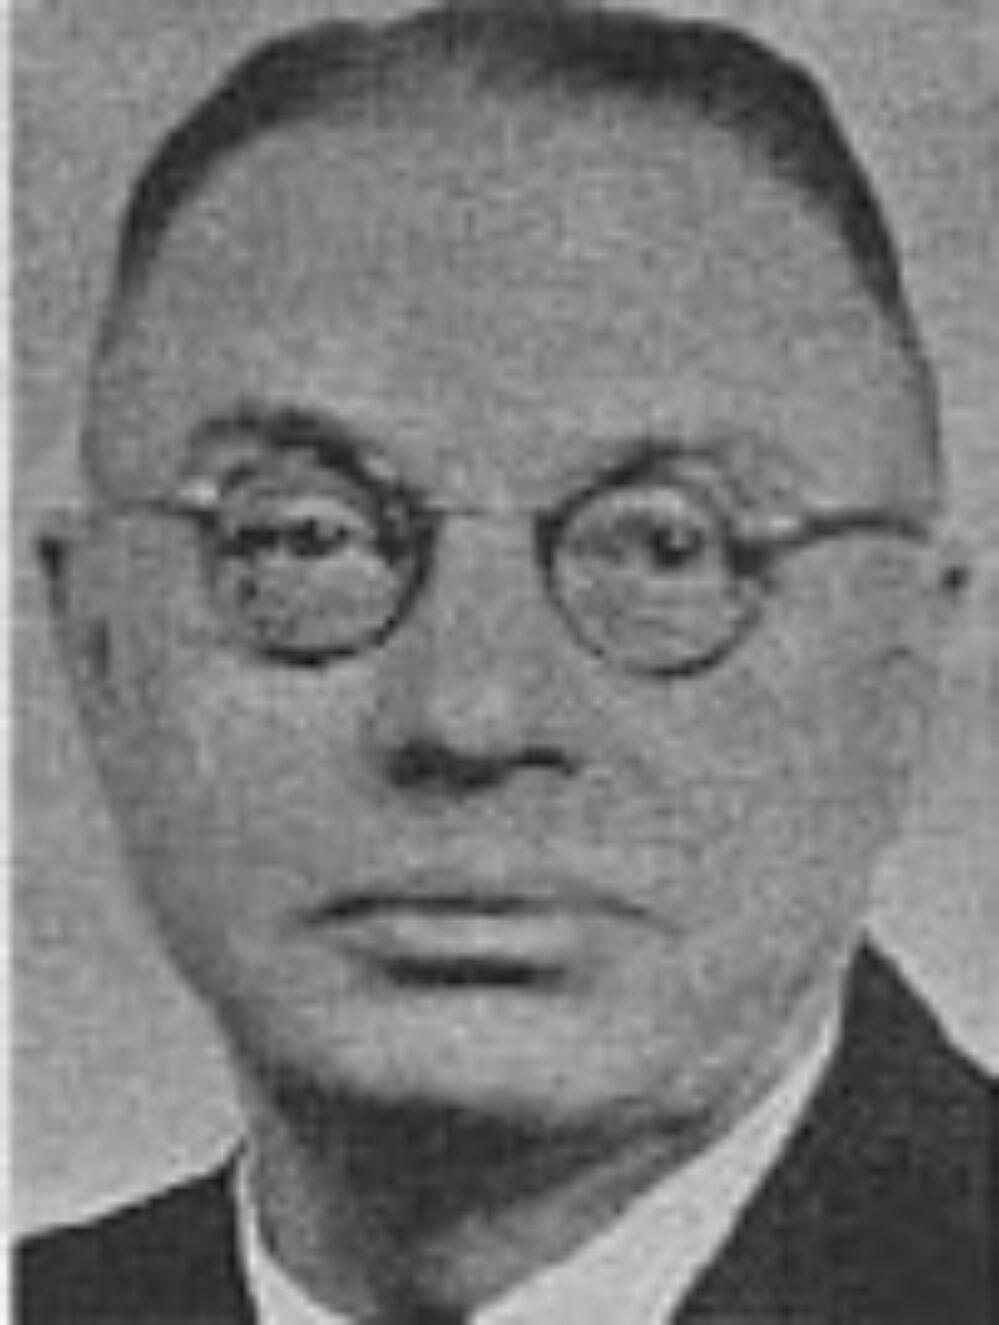 Harald Marthinius Floberg